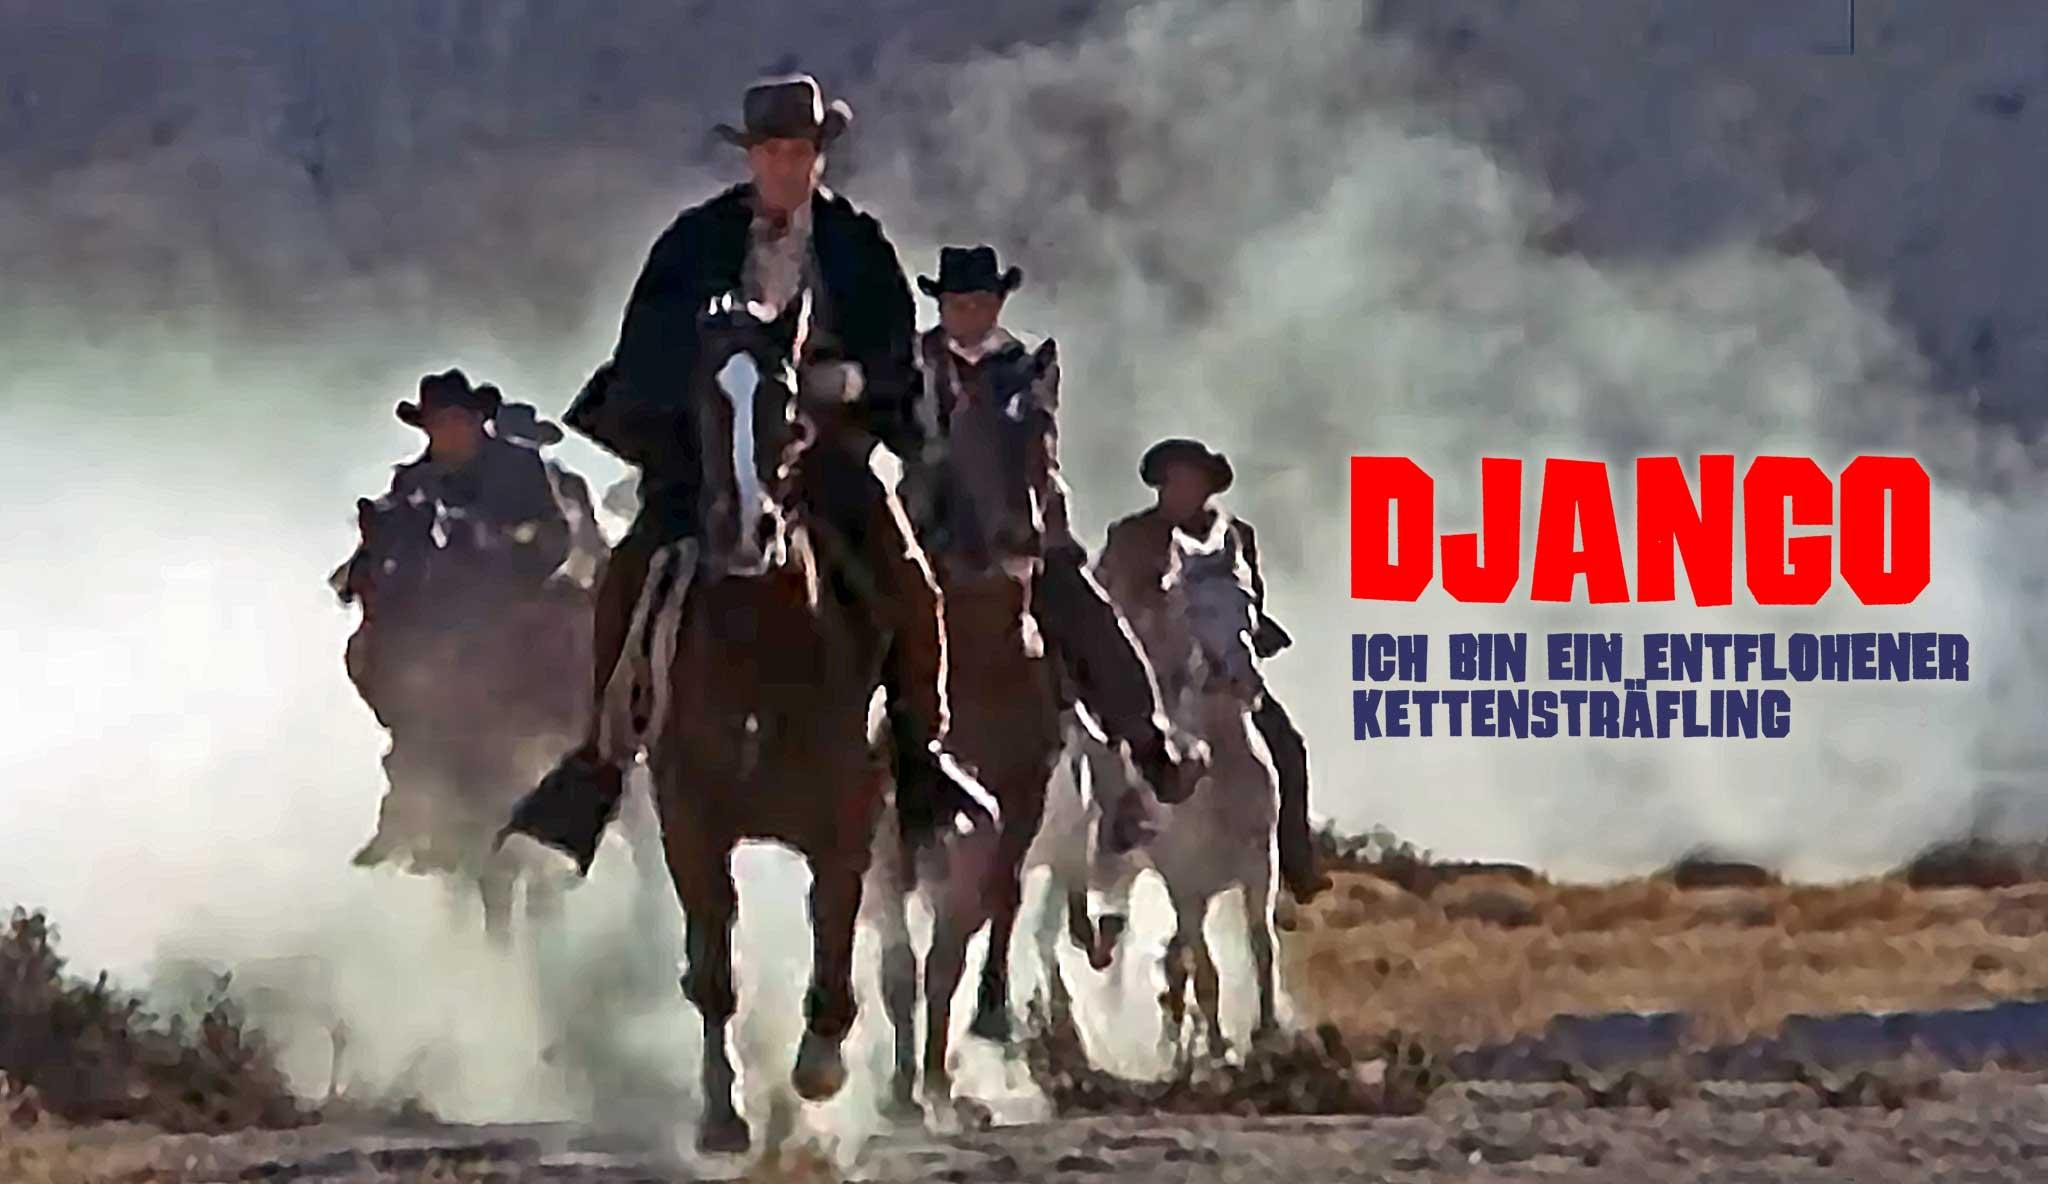 django-ich-bin-ein-entflohener-kettenstrafling\header.jpg